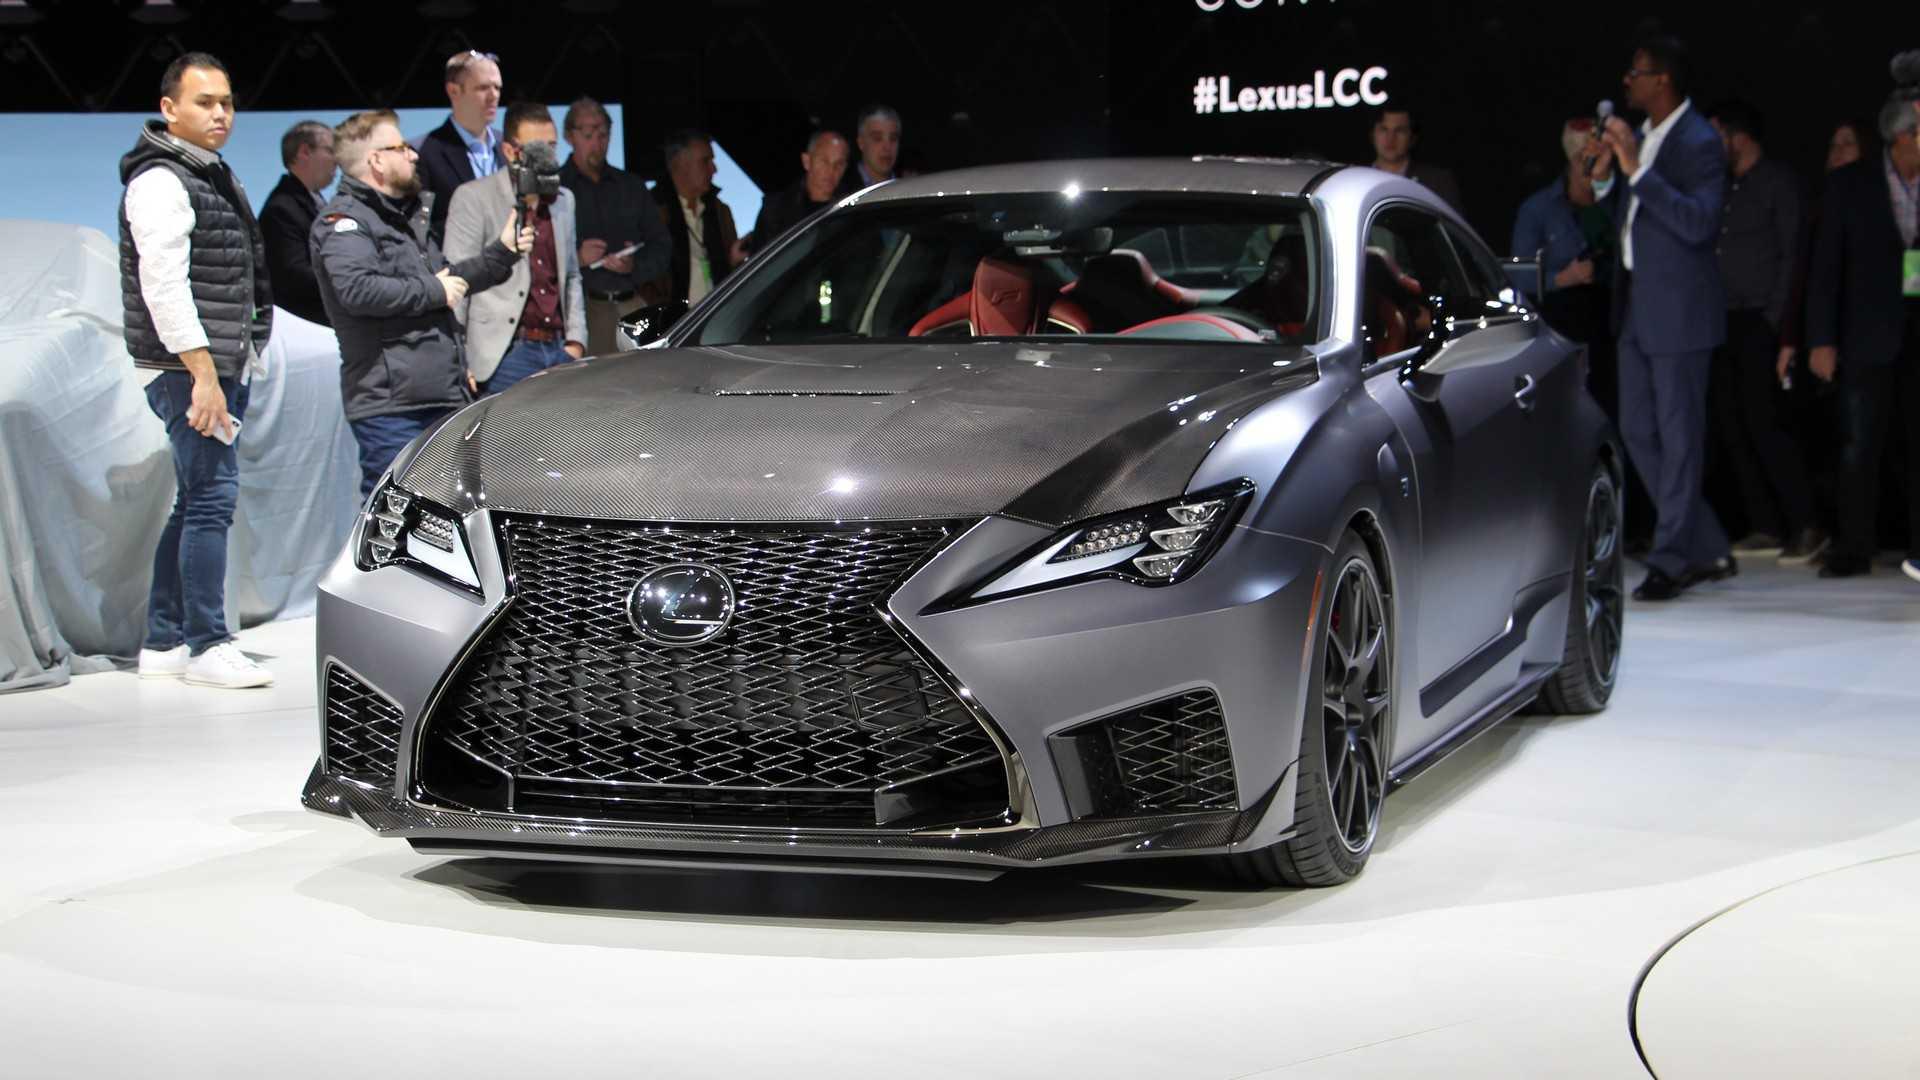 16 Best Review Lexus Rcf 2020 Reviews for Lexus Rcf 2020